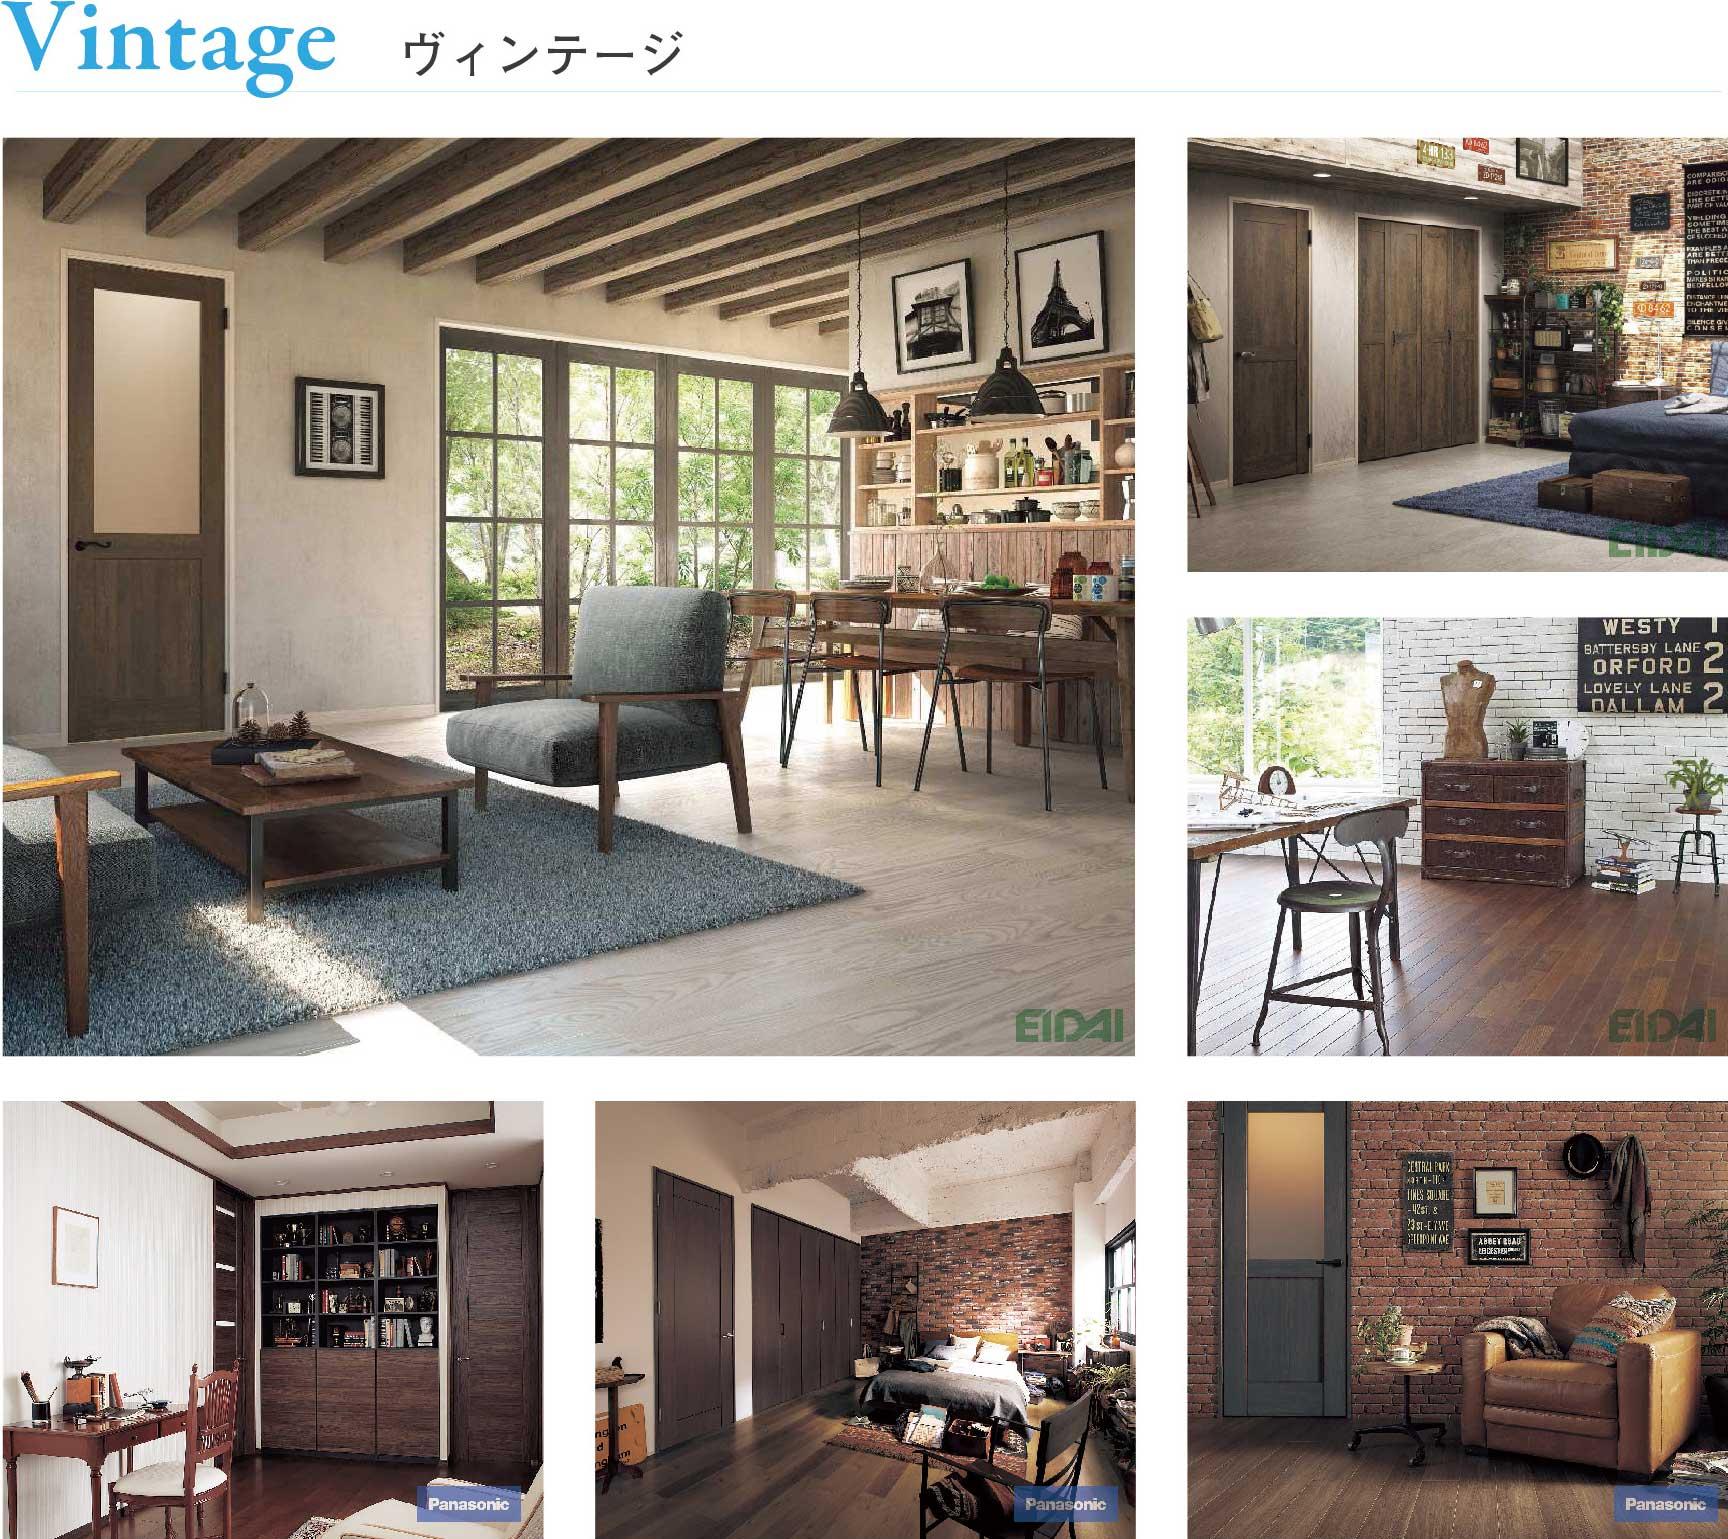 注文住宅の施工写真例「ヴィンテージ Vintage」